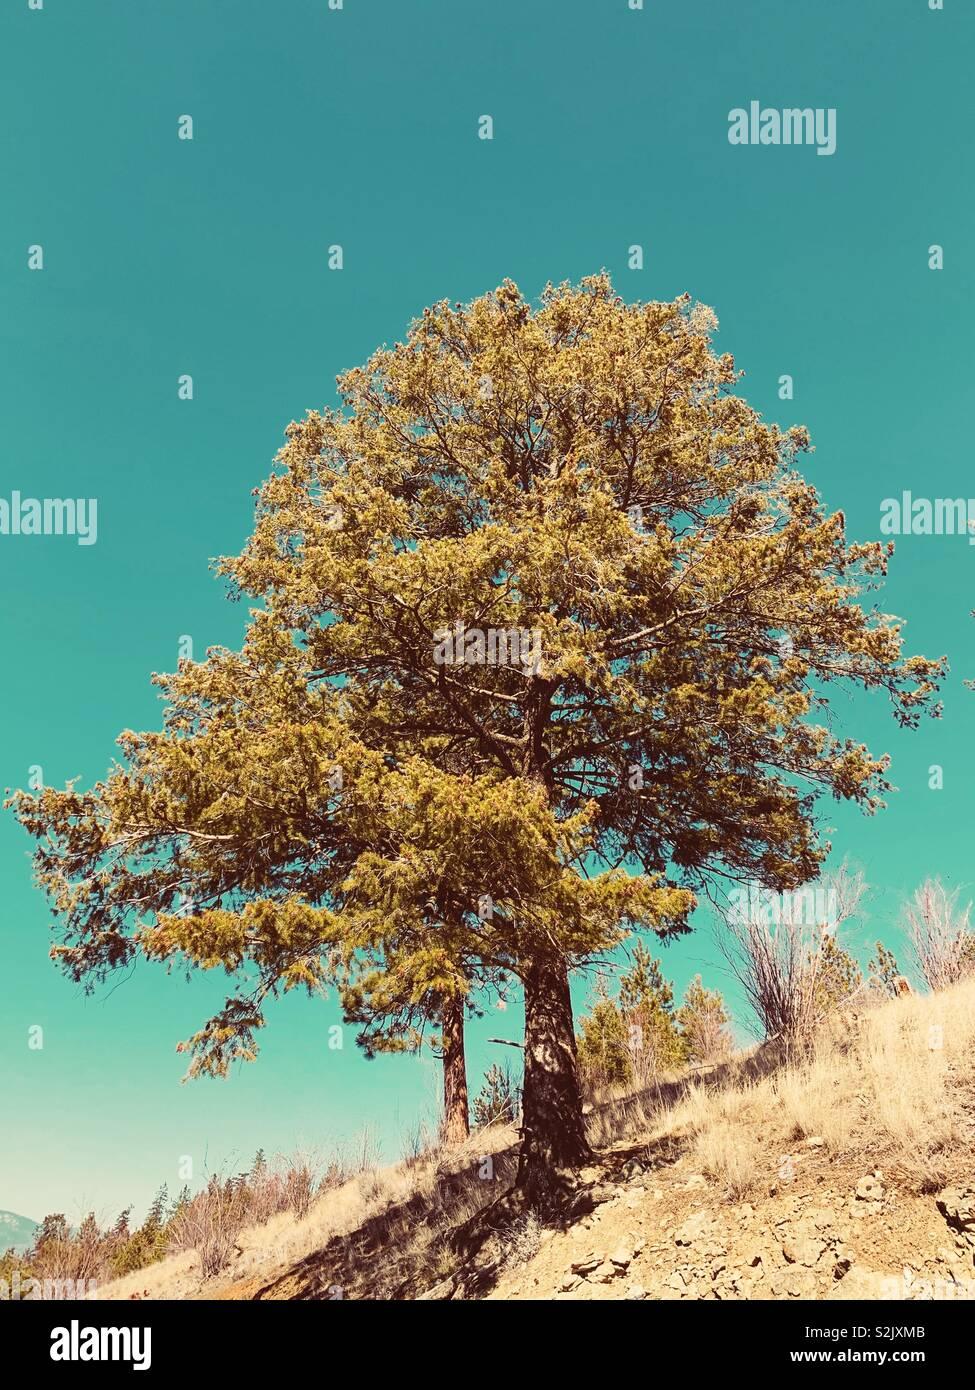 Albero su di una collina con il blu del cielo. Immagini Stock